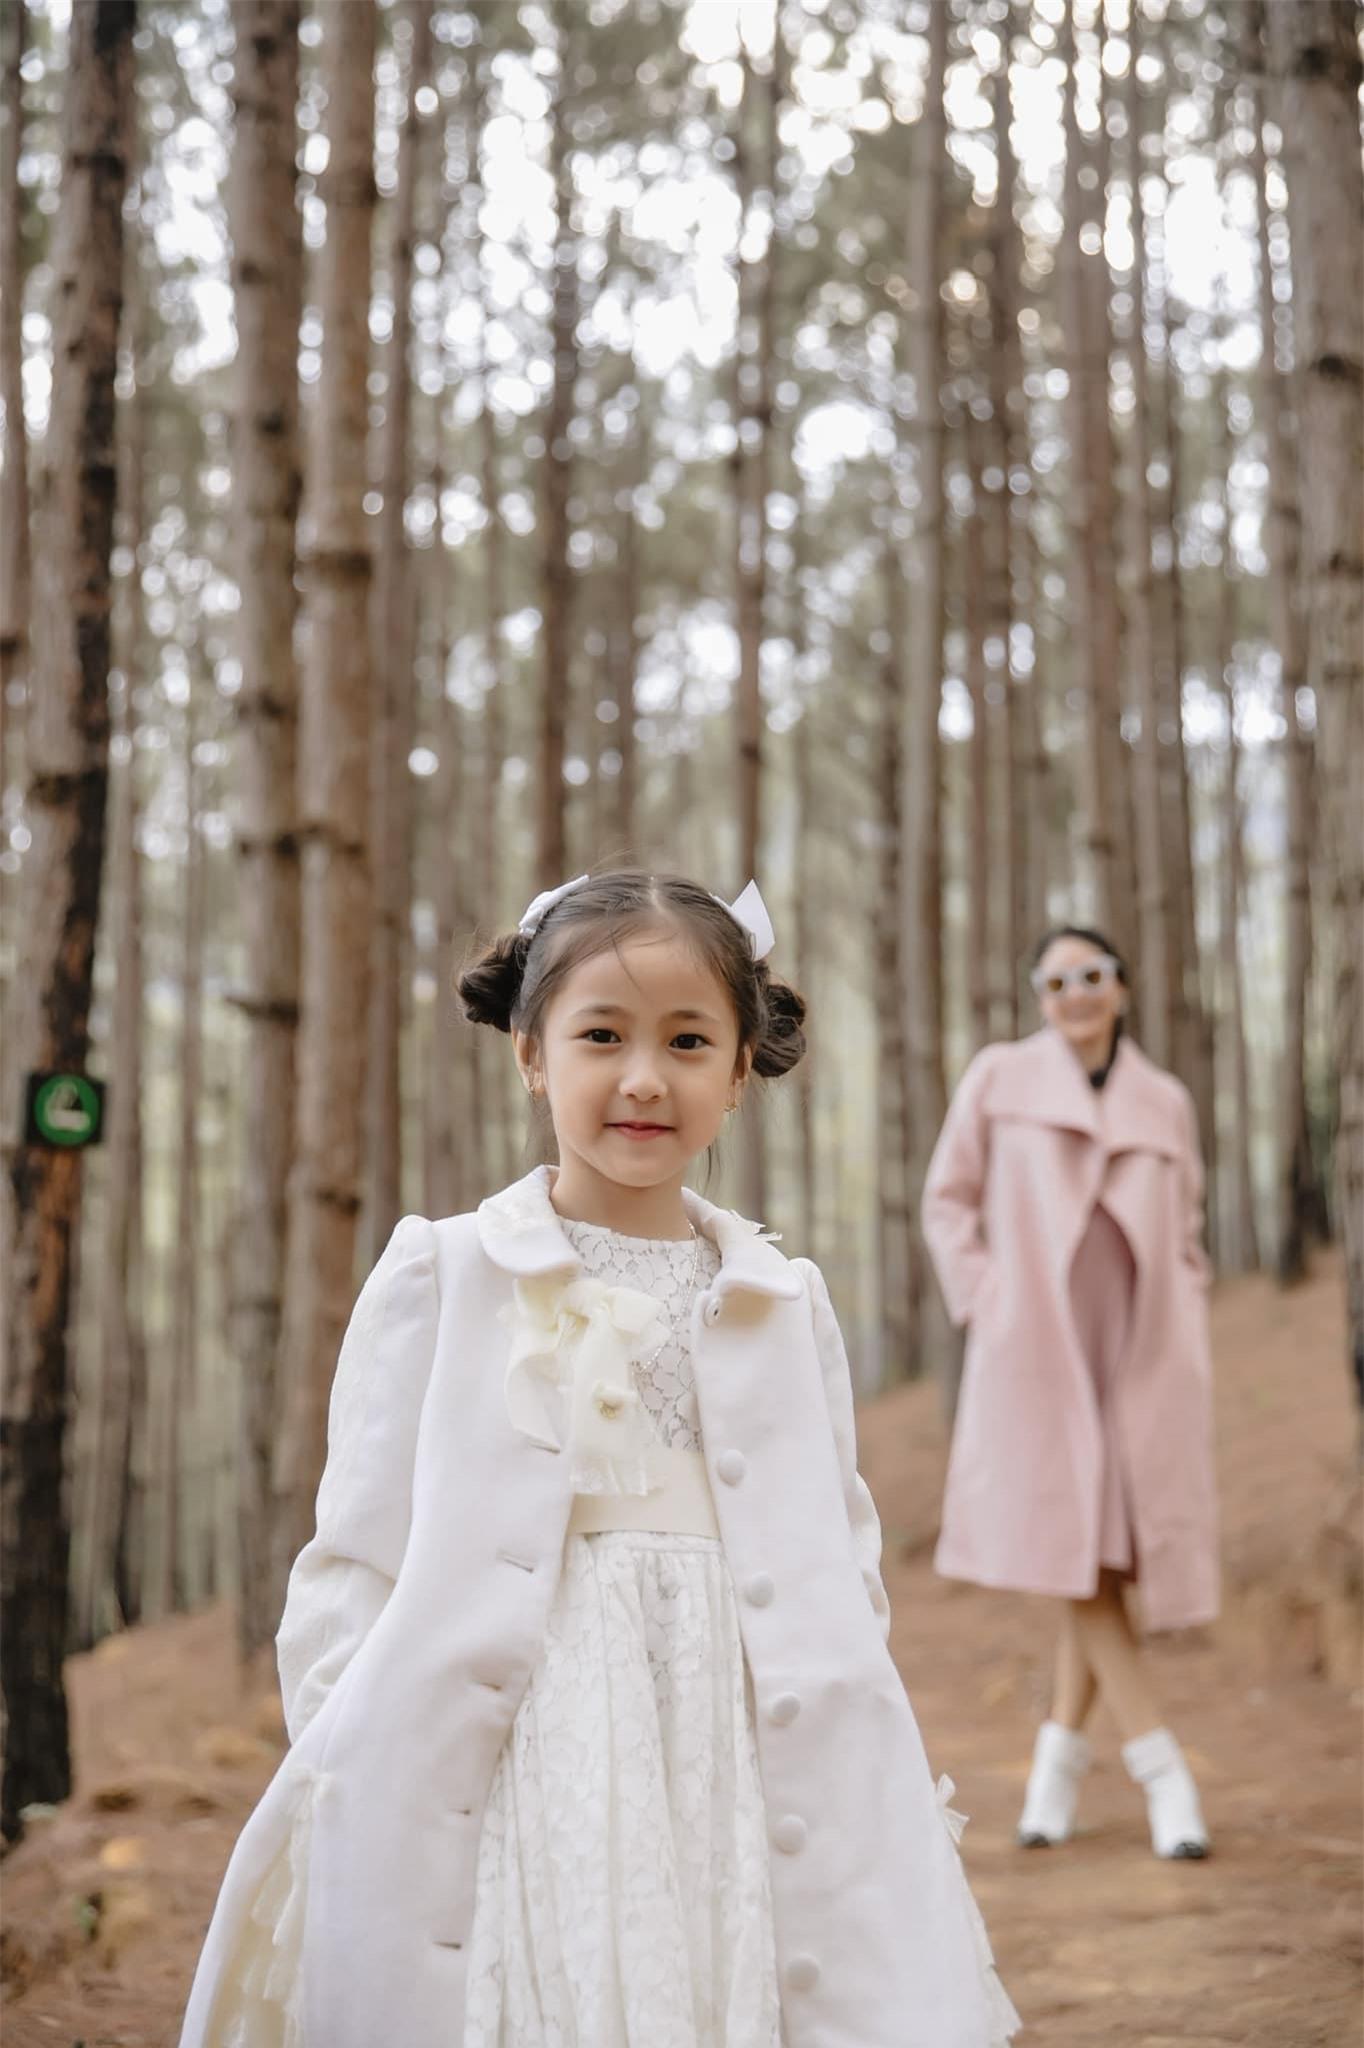 Ái nữ của Hà Kiều Anh bùng nổ visual, ngắm loạt ảnh khoe góc nghiêng và thần thái phải thốt lên tiểu mỹ nhân là đây - Ảnh 12.